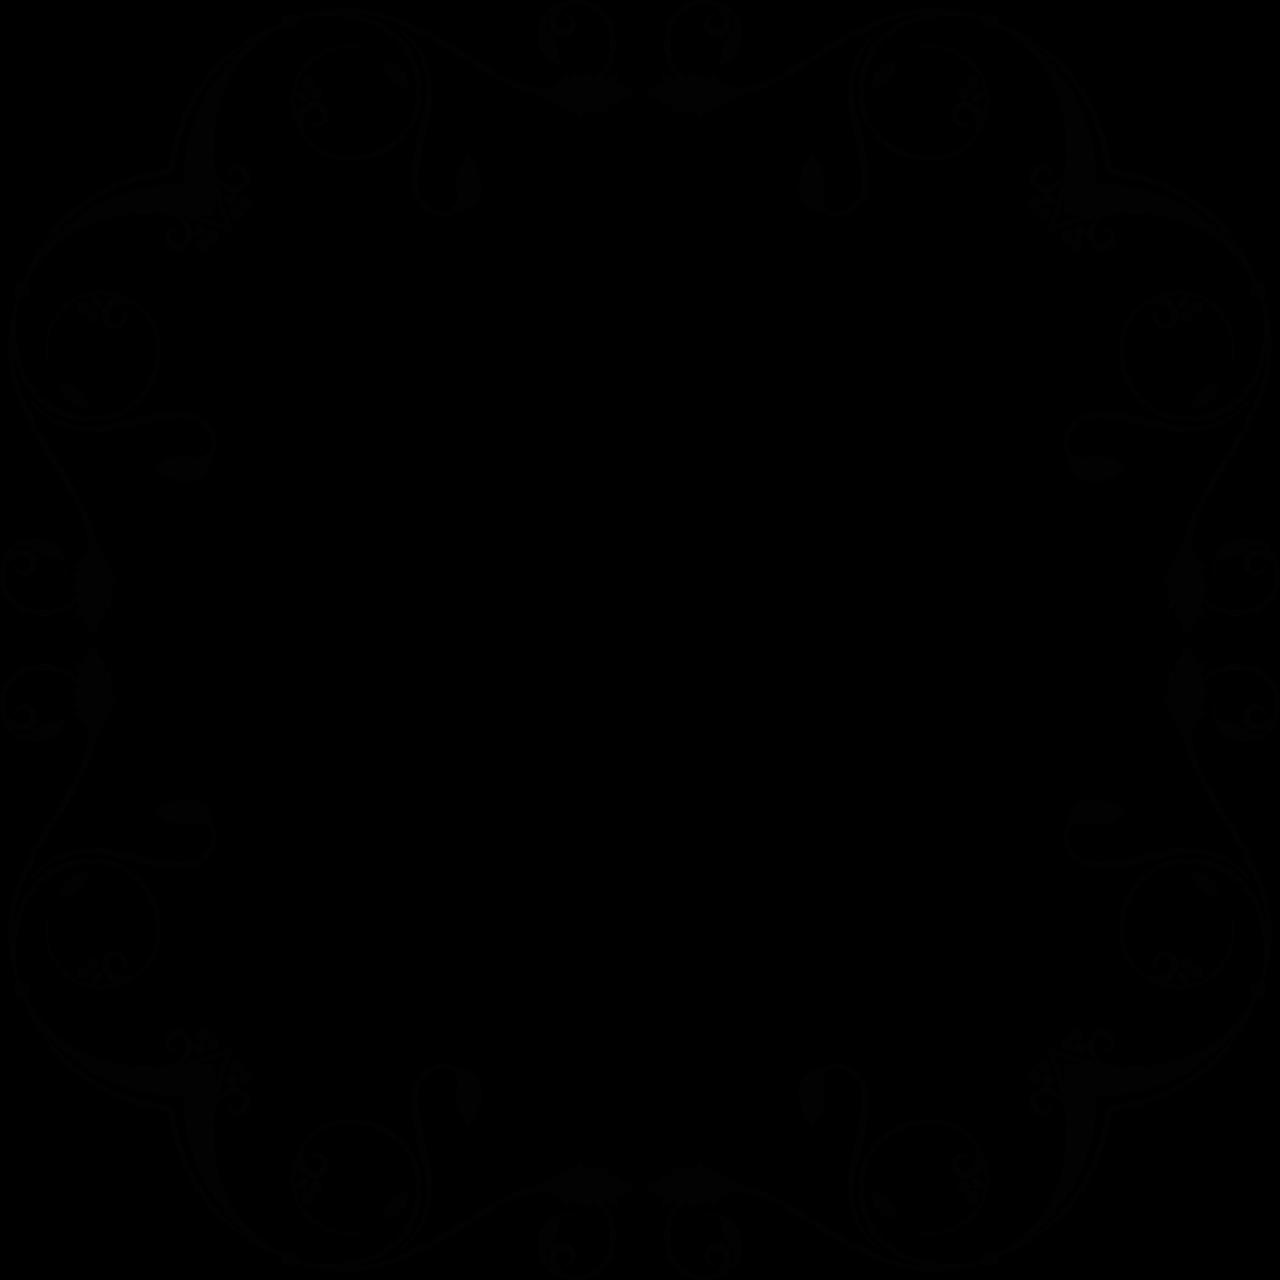 Гитара гифка, красивые фигурные рамочки рисунок